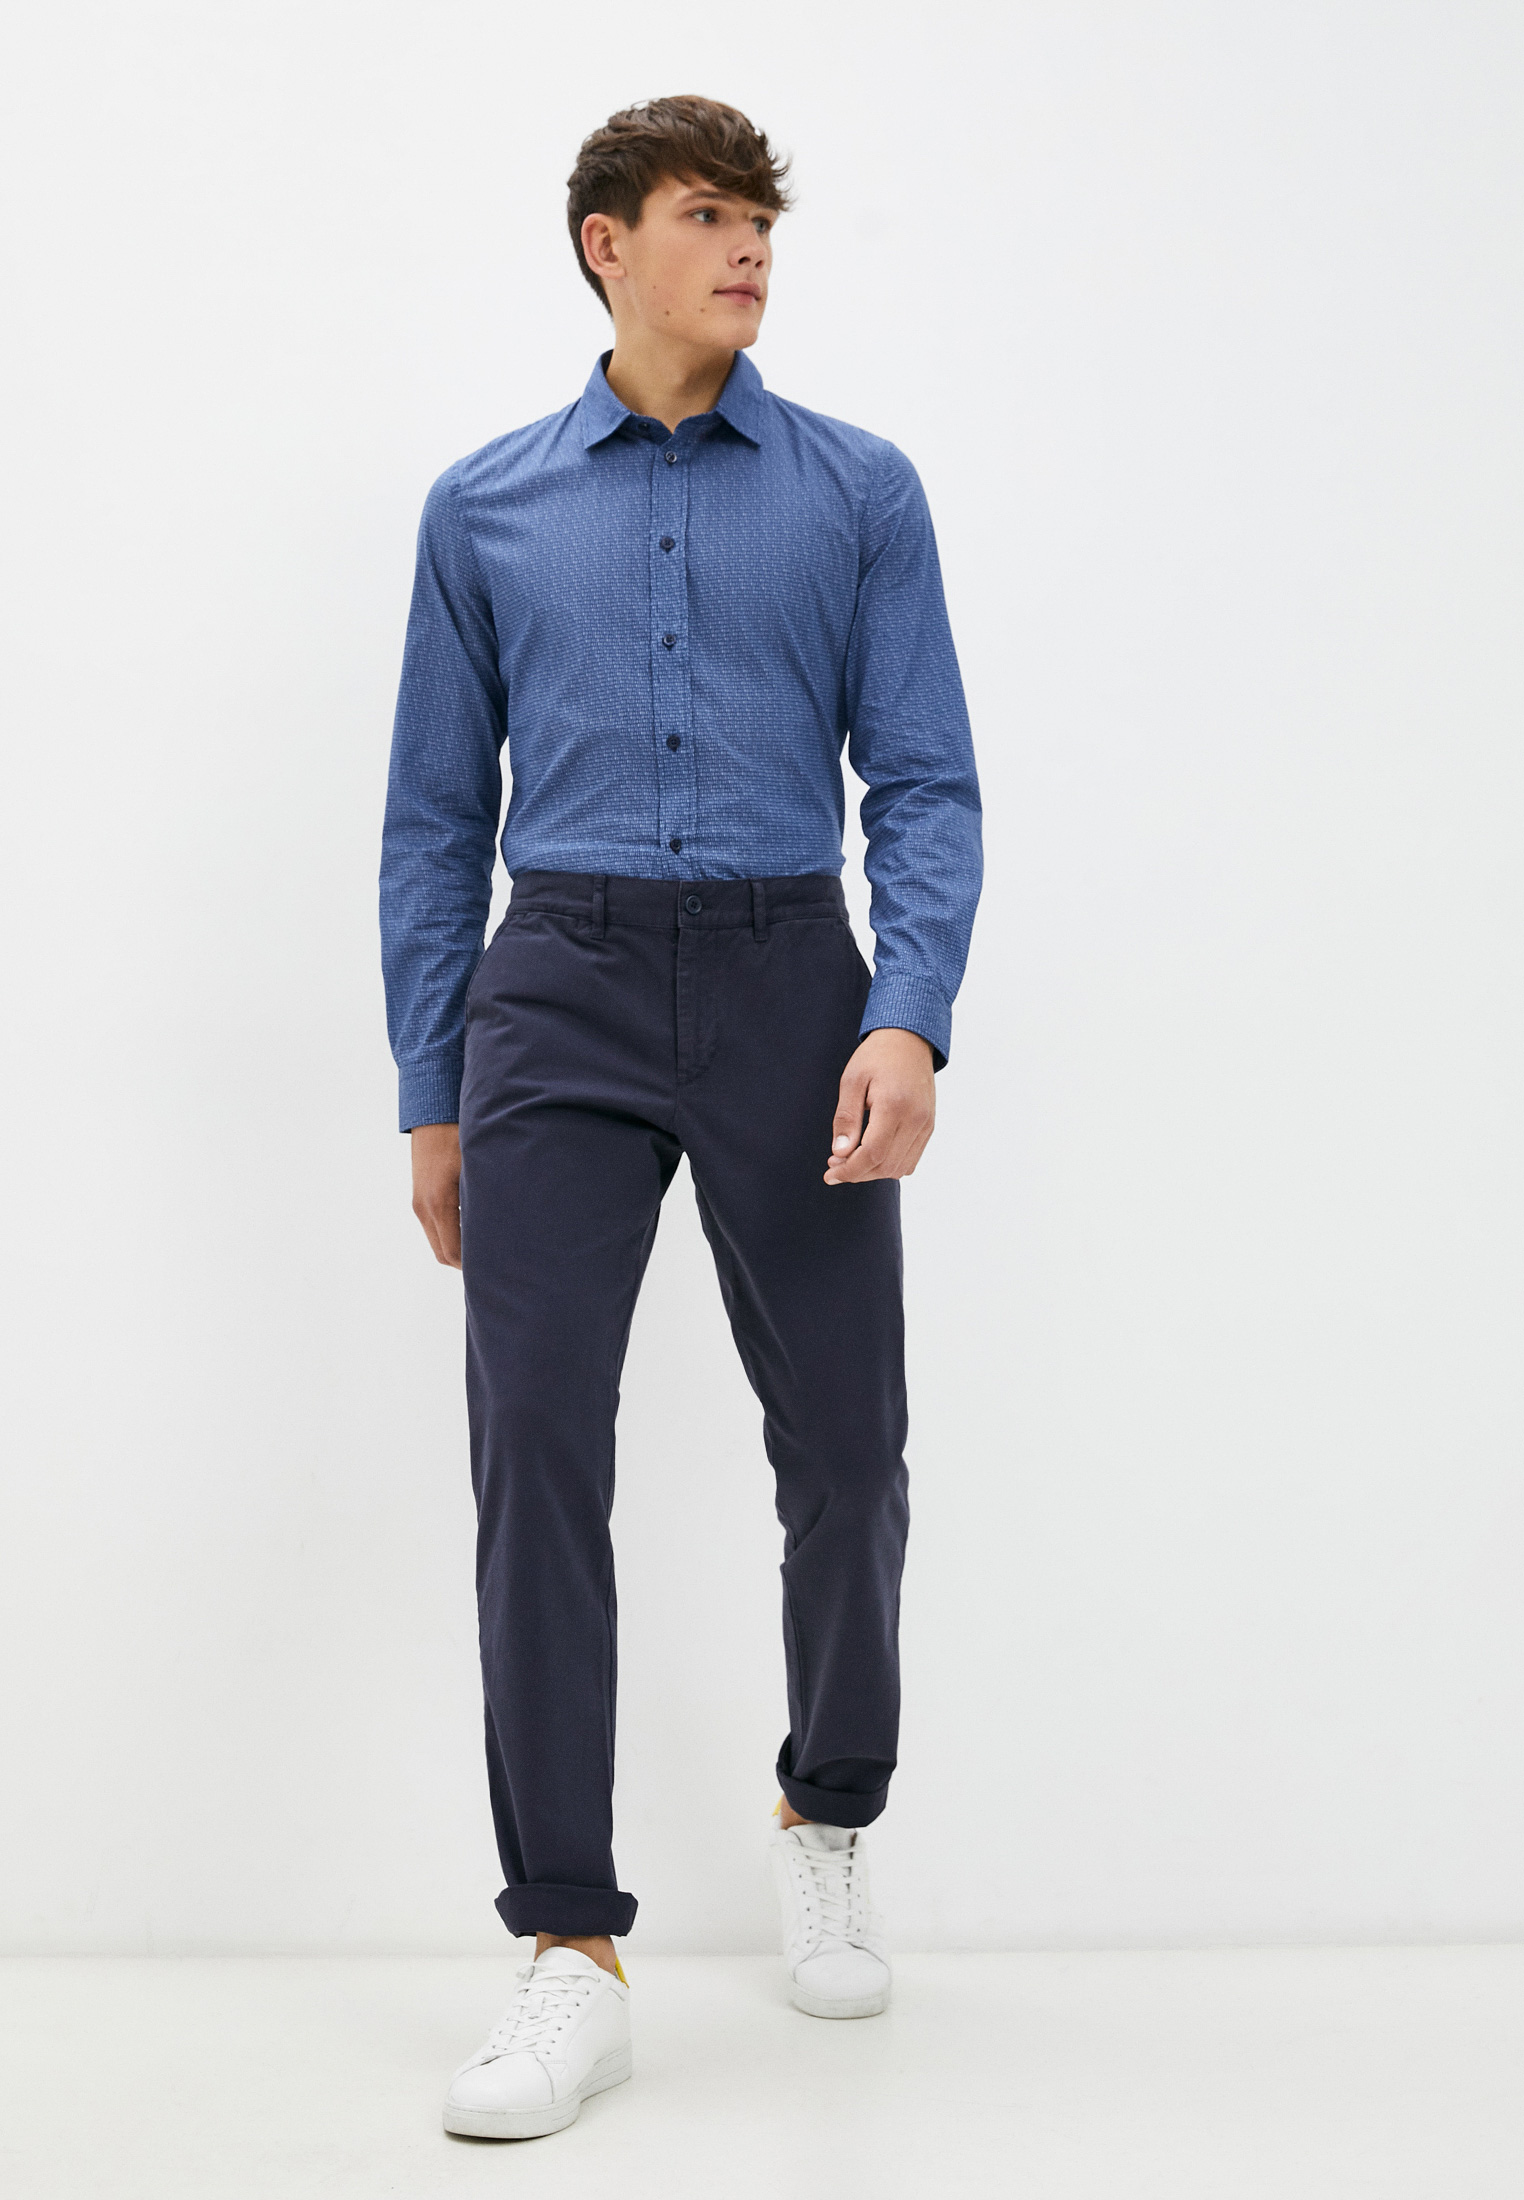 Рубашка с длинным рукавом Bikkembergs (Биккембергс) C C 009 00 S 3353: изображение 3